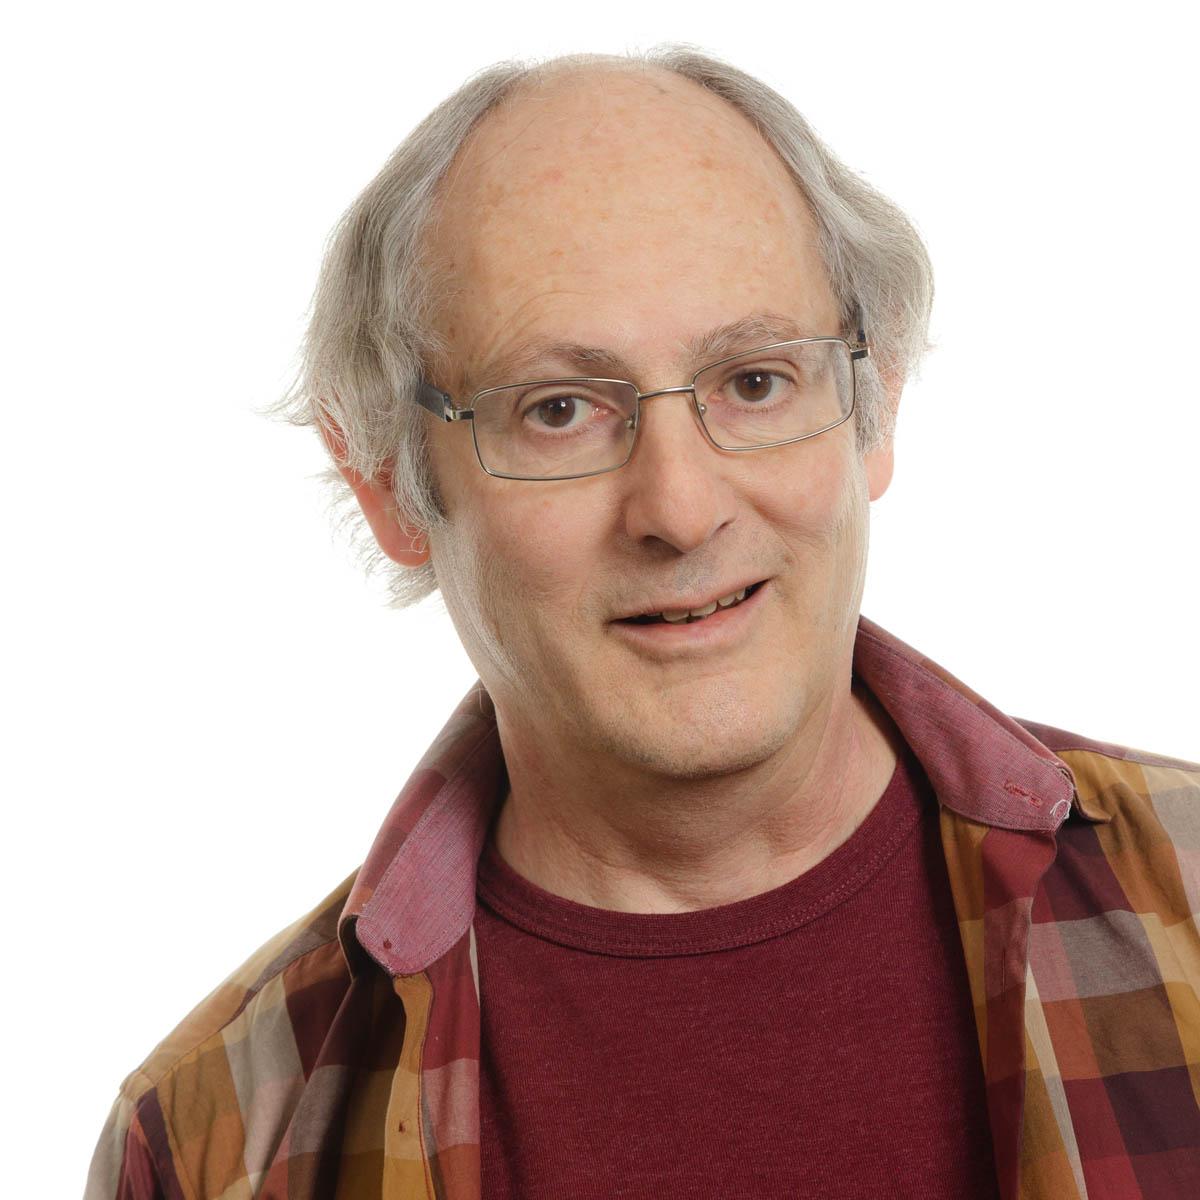 Walter Roozendaal